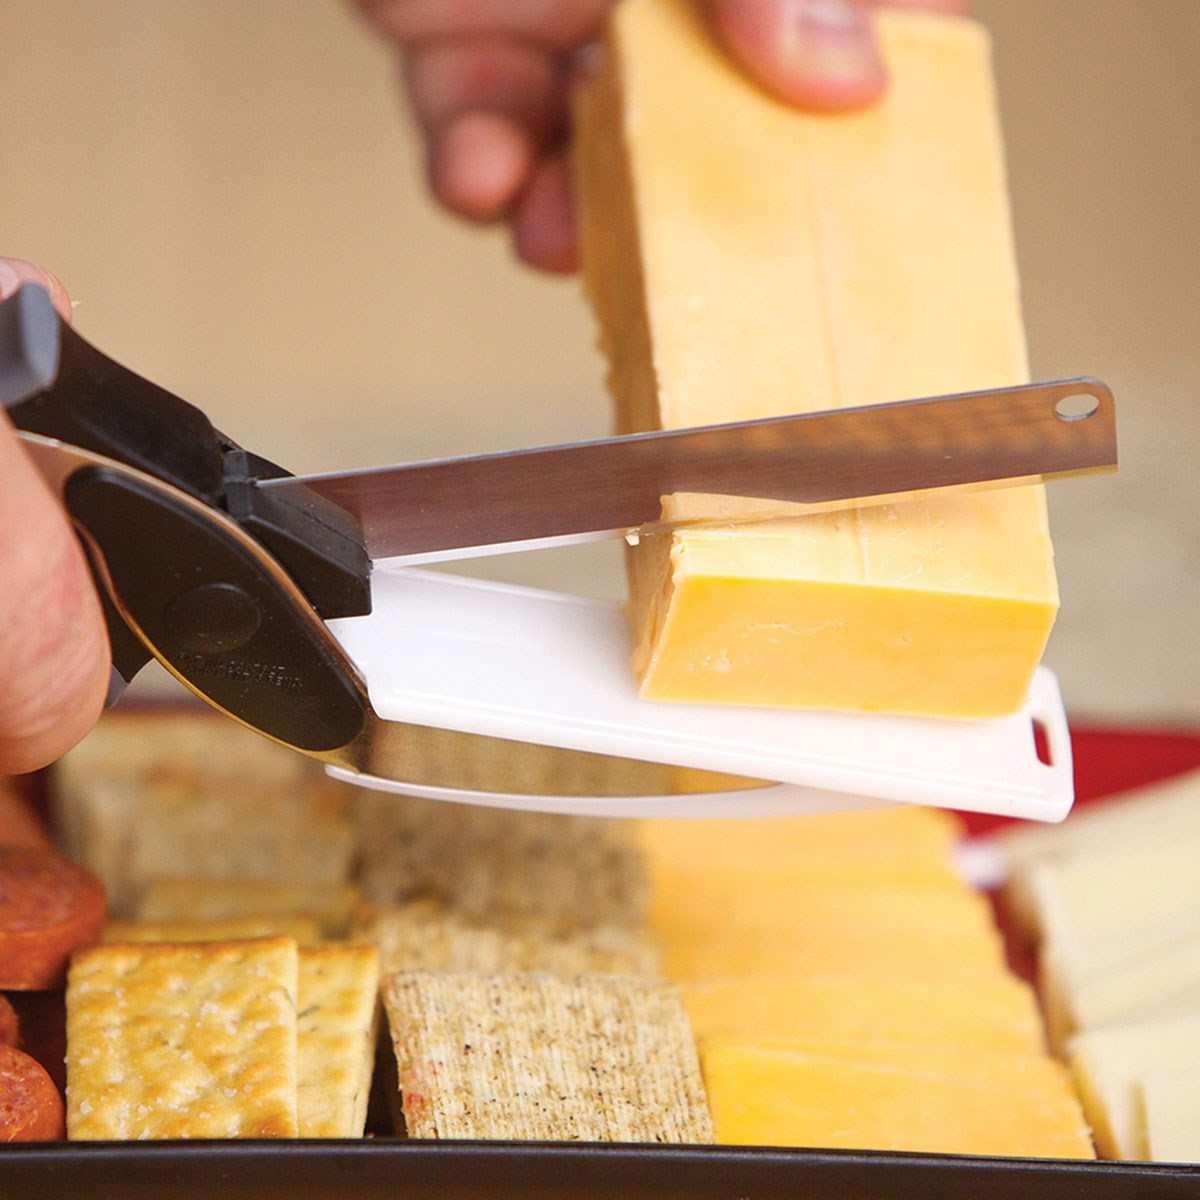 Kéo cắt rau củ đa năng Clever Cutter 3 trong 1